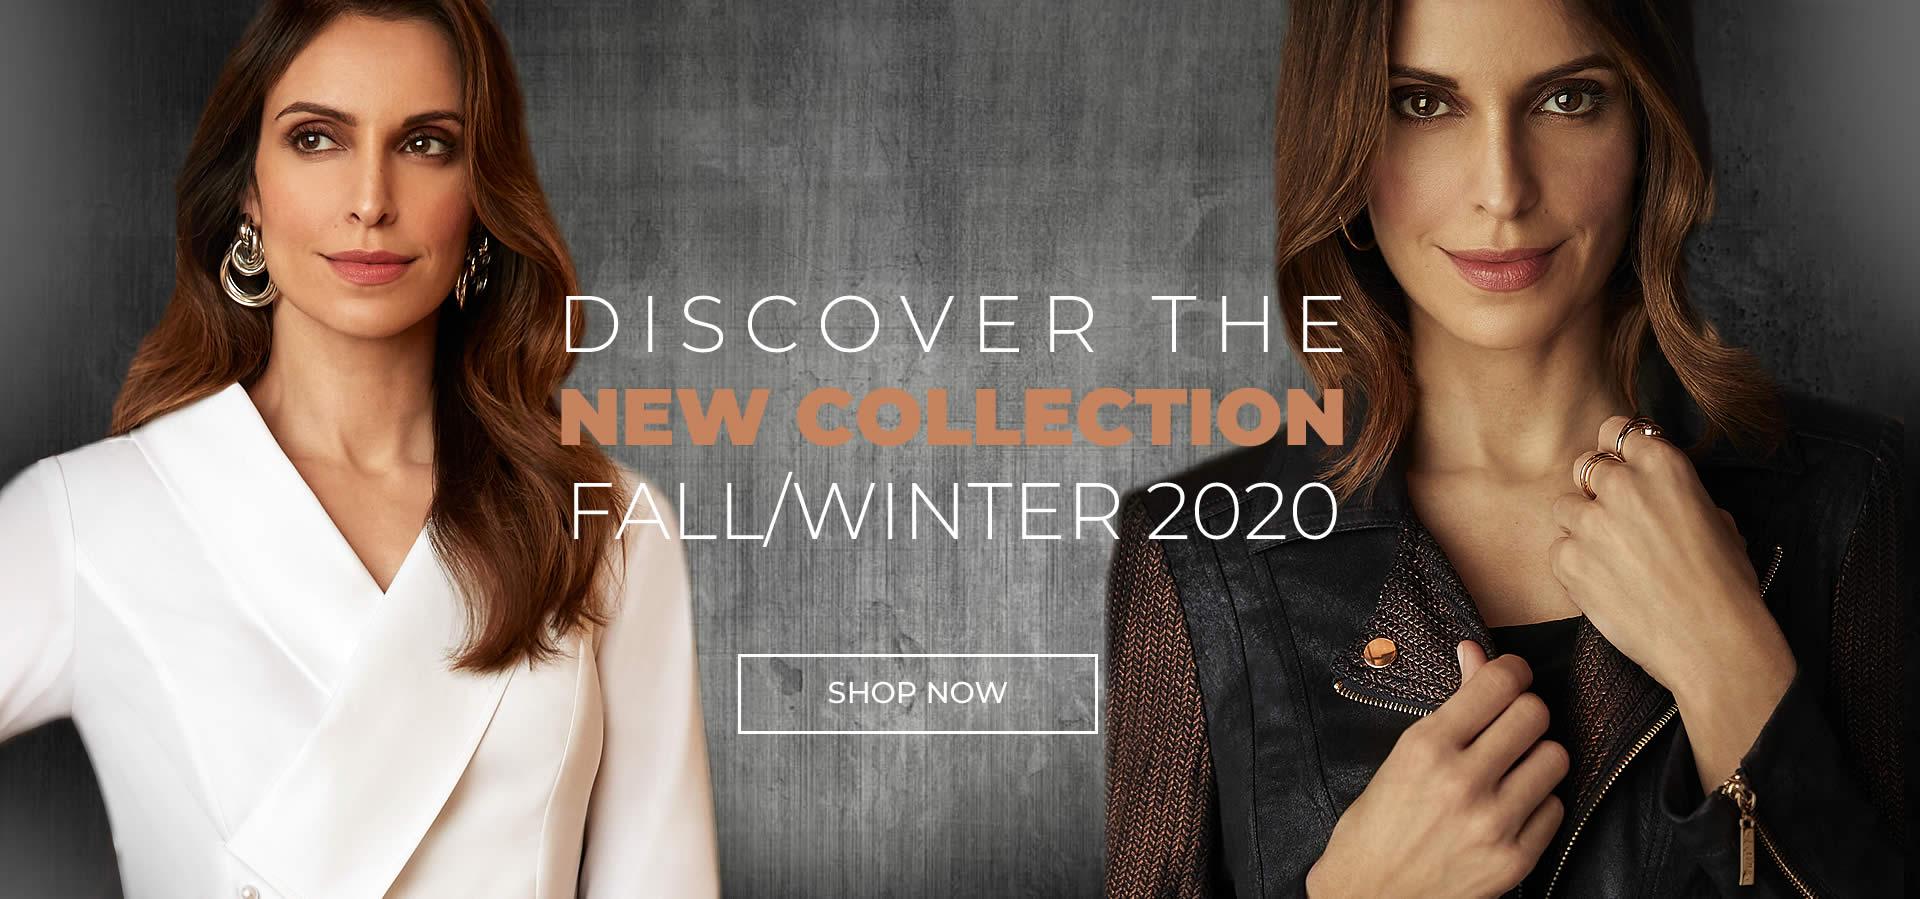 Joseph Ribkoff Fall/Winter 2020 Collection